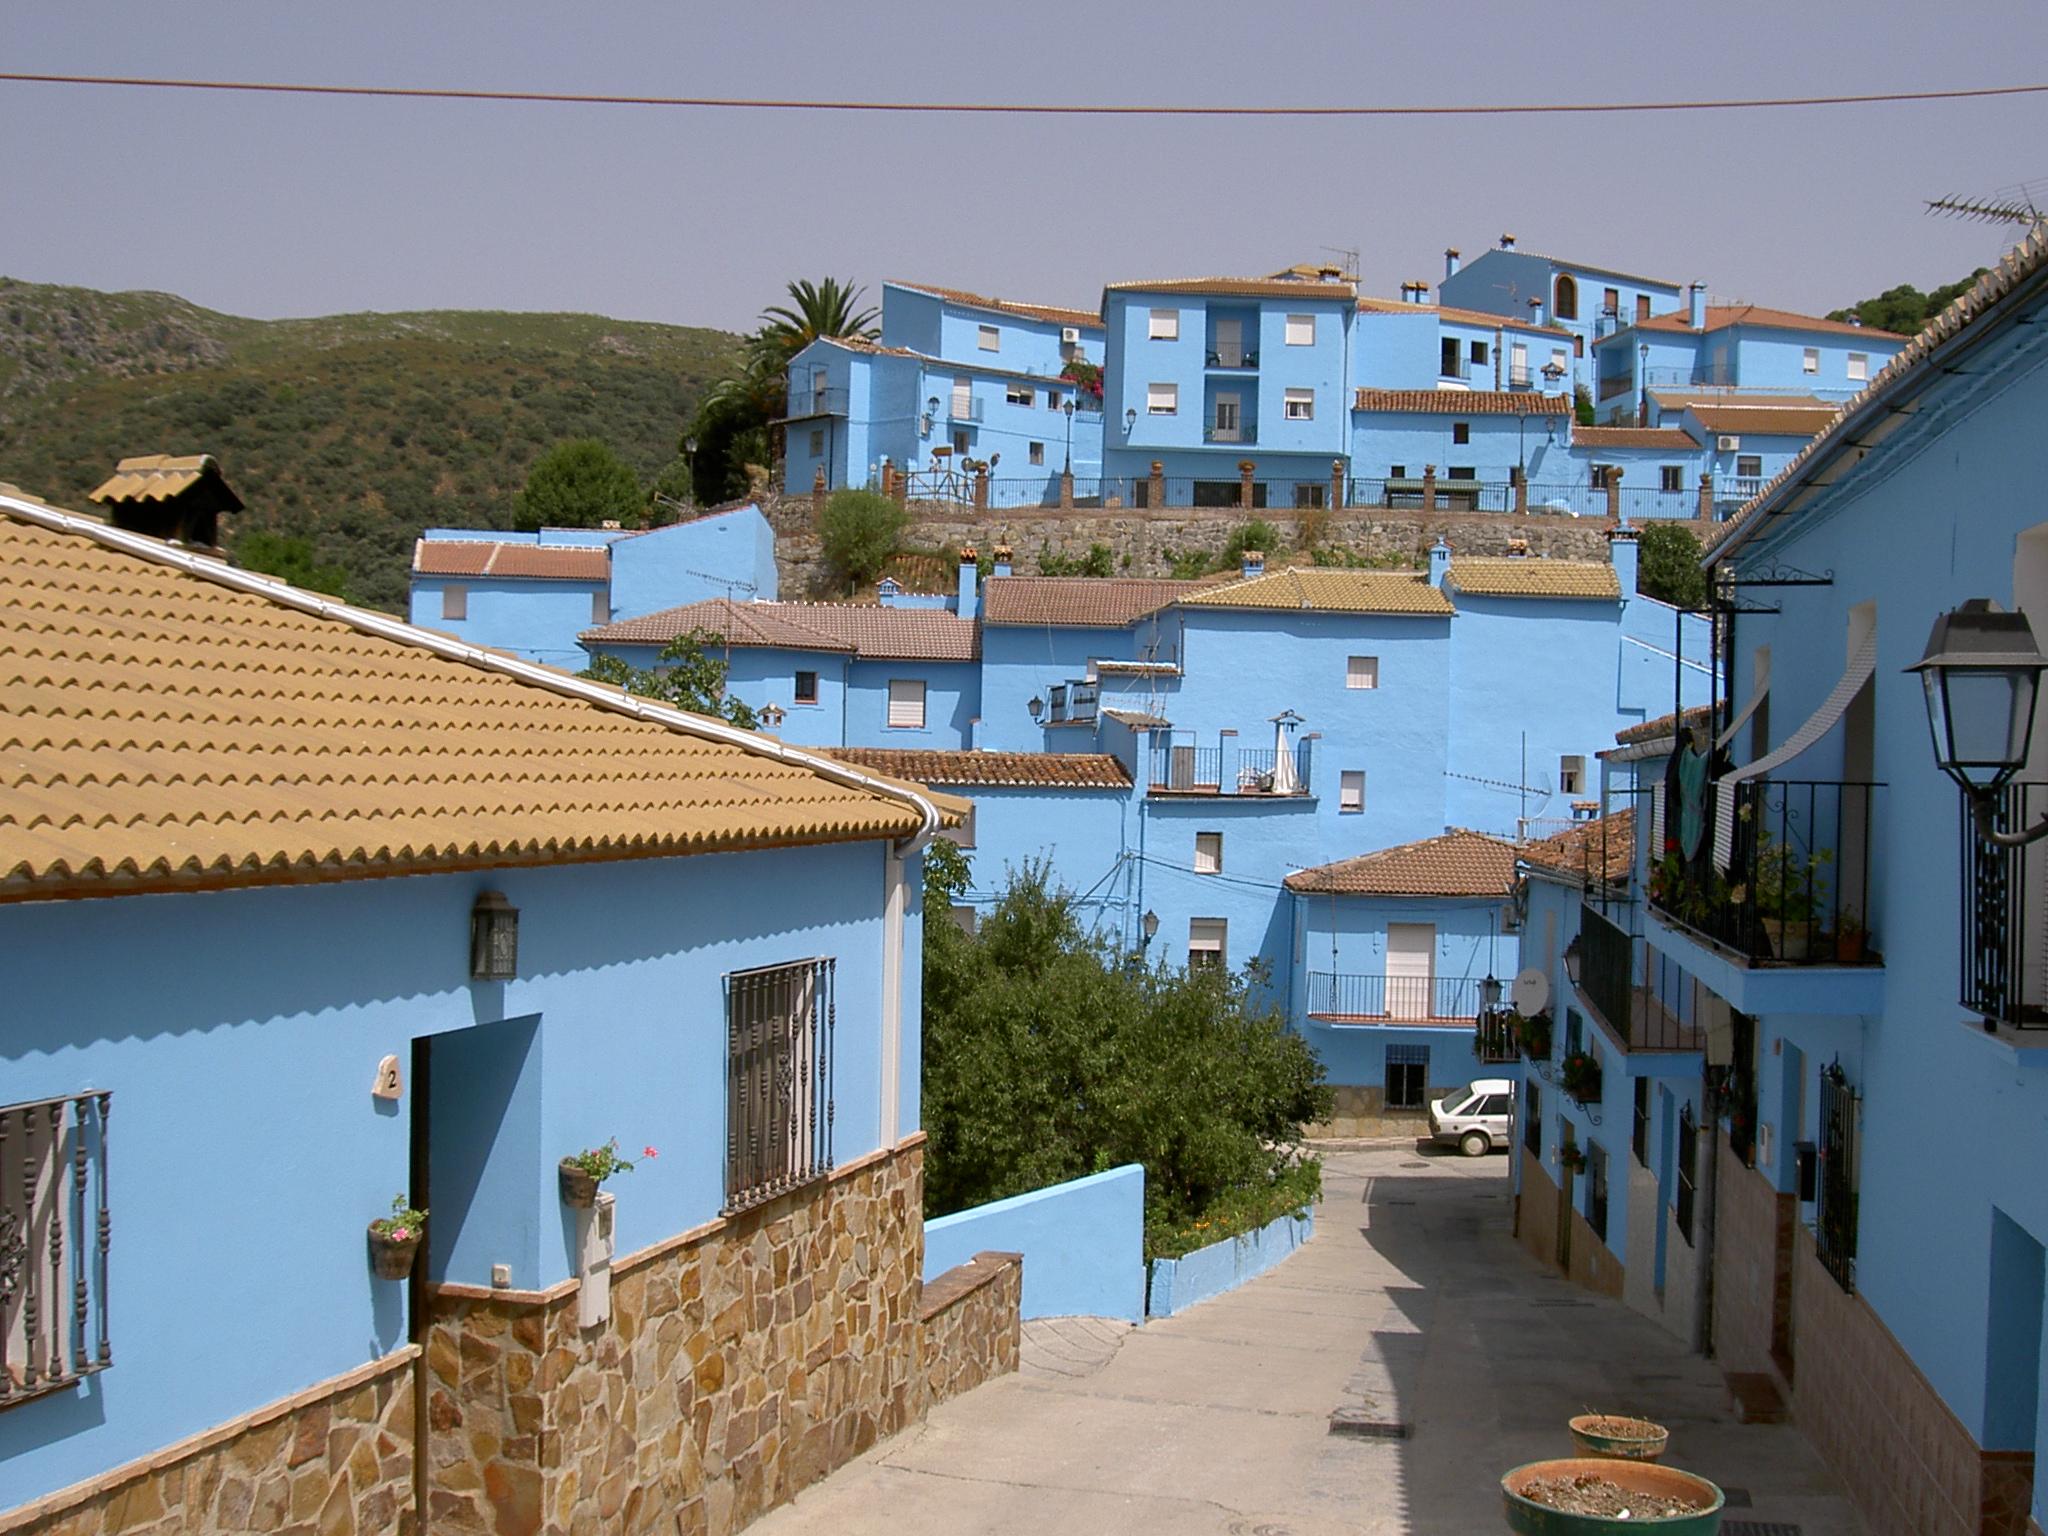 DEFIS ZOOOOOOM Monde B160 à ... - (Mars 2016/en cours) - Page 12 J%C3%BAzcar_M%C3%A1laga_Andalusia_Spain_smurf_town